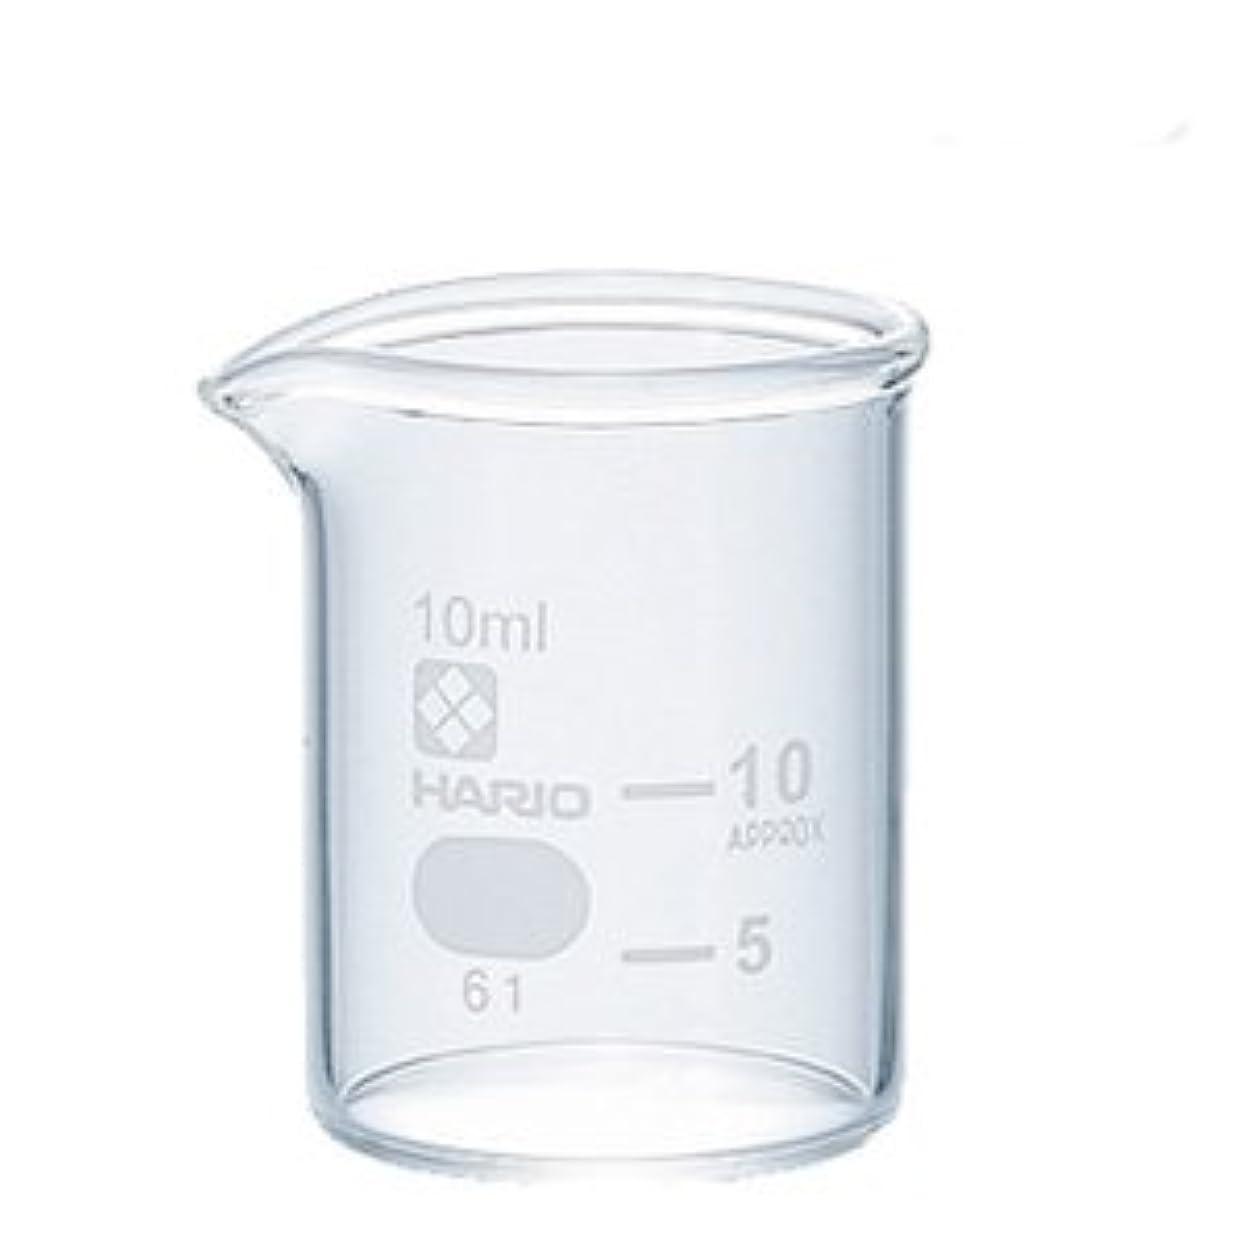 小包曲線夢中ガラスビーカー 10ml 【手作り石鹸/手作りコスメ/手作り化粧品】